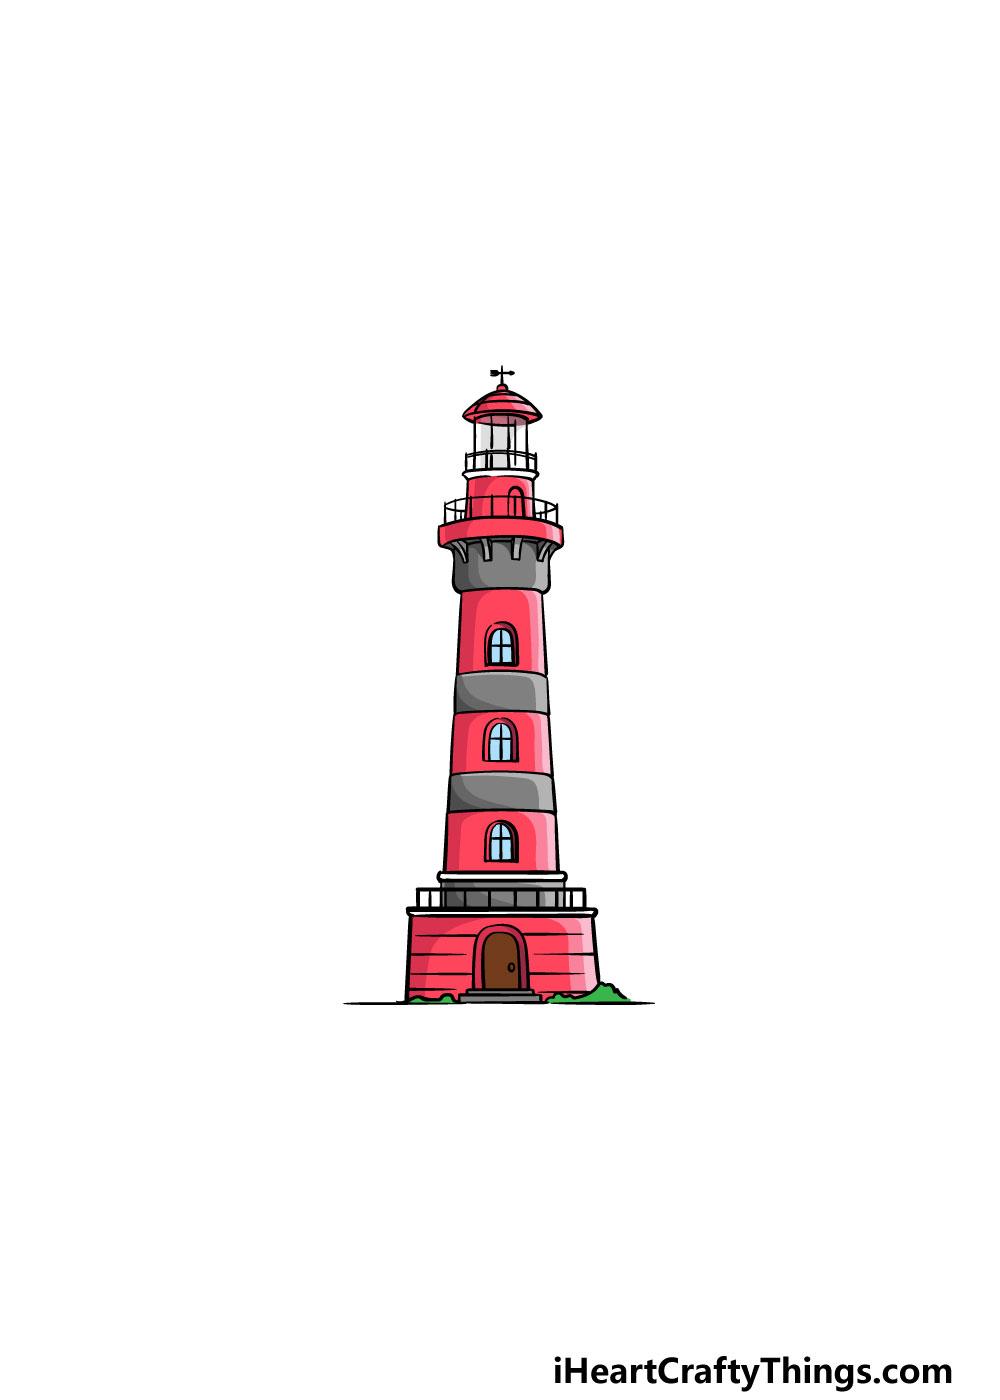 vẽ ngọn hải đăng bước 6